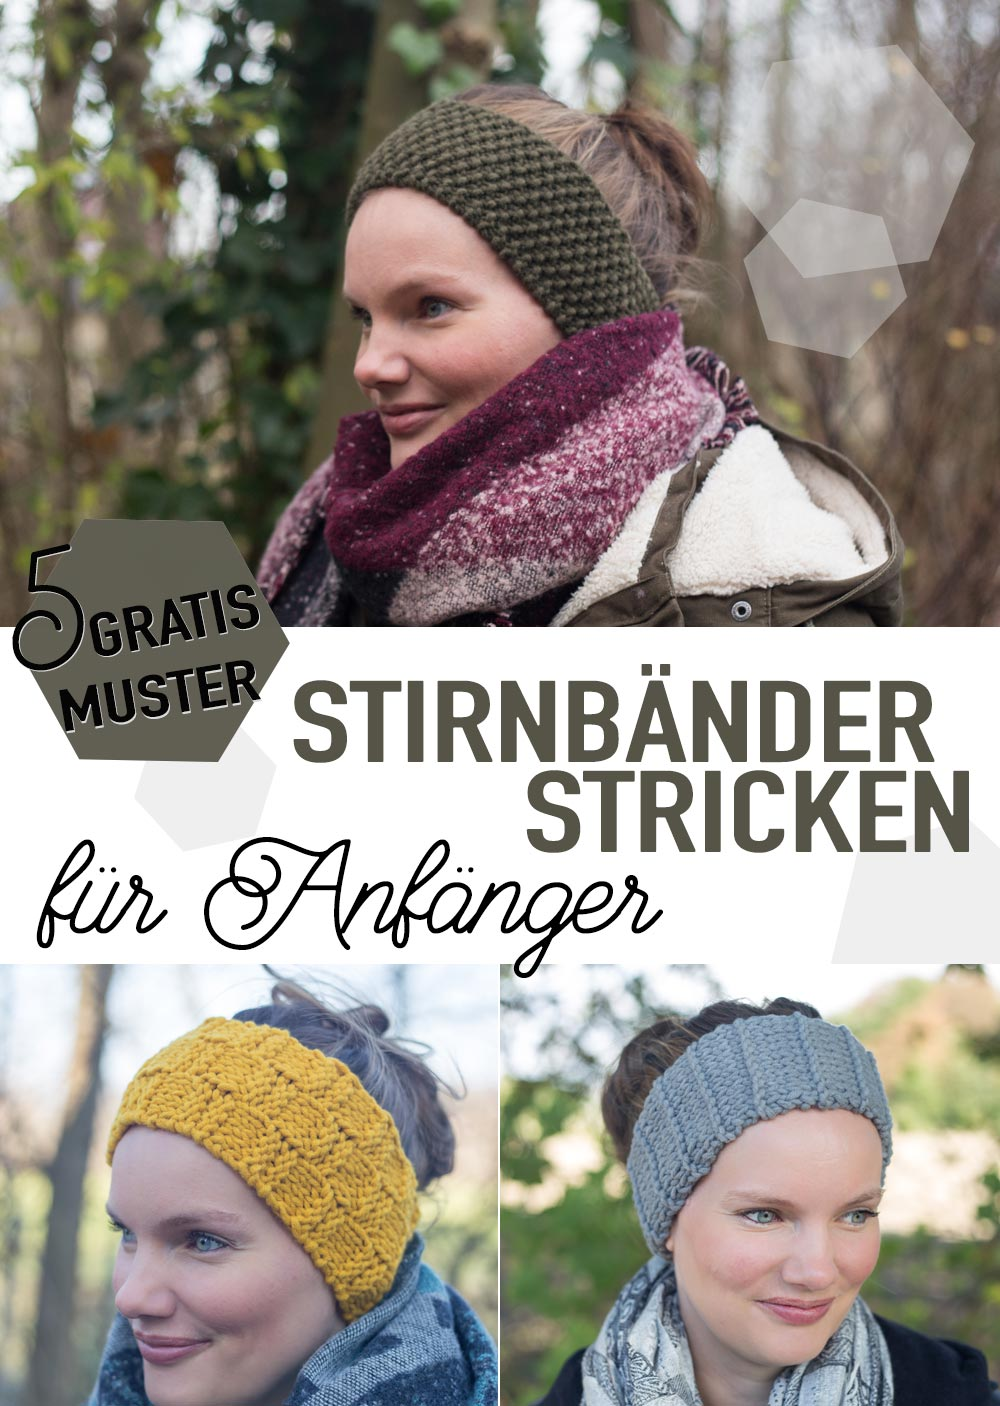 5 gratis Muster - DIY Stirnbänder stricken für Anfänger - Perlmuster, Schachbrett Muster, Streifenmuster und Co.